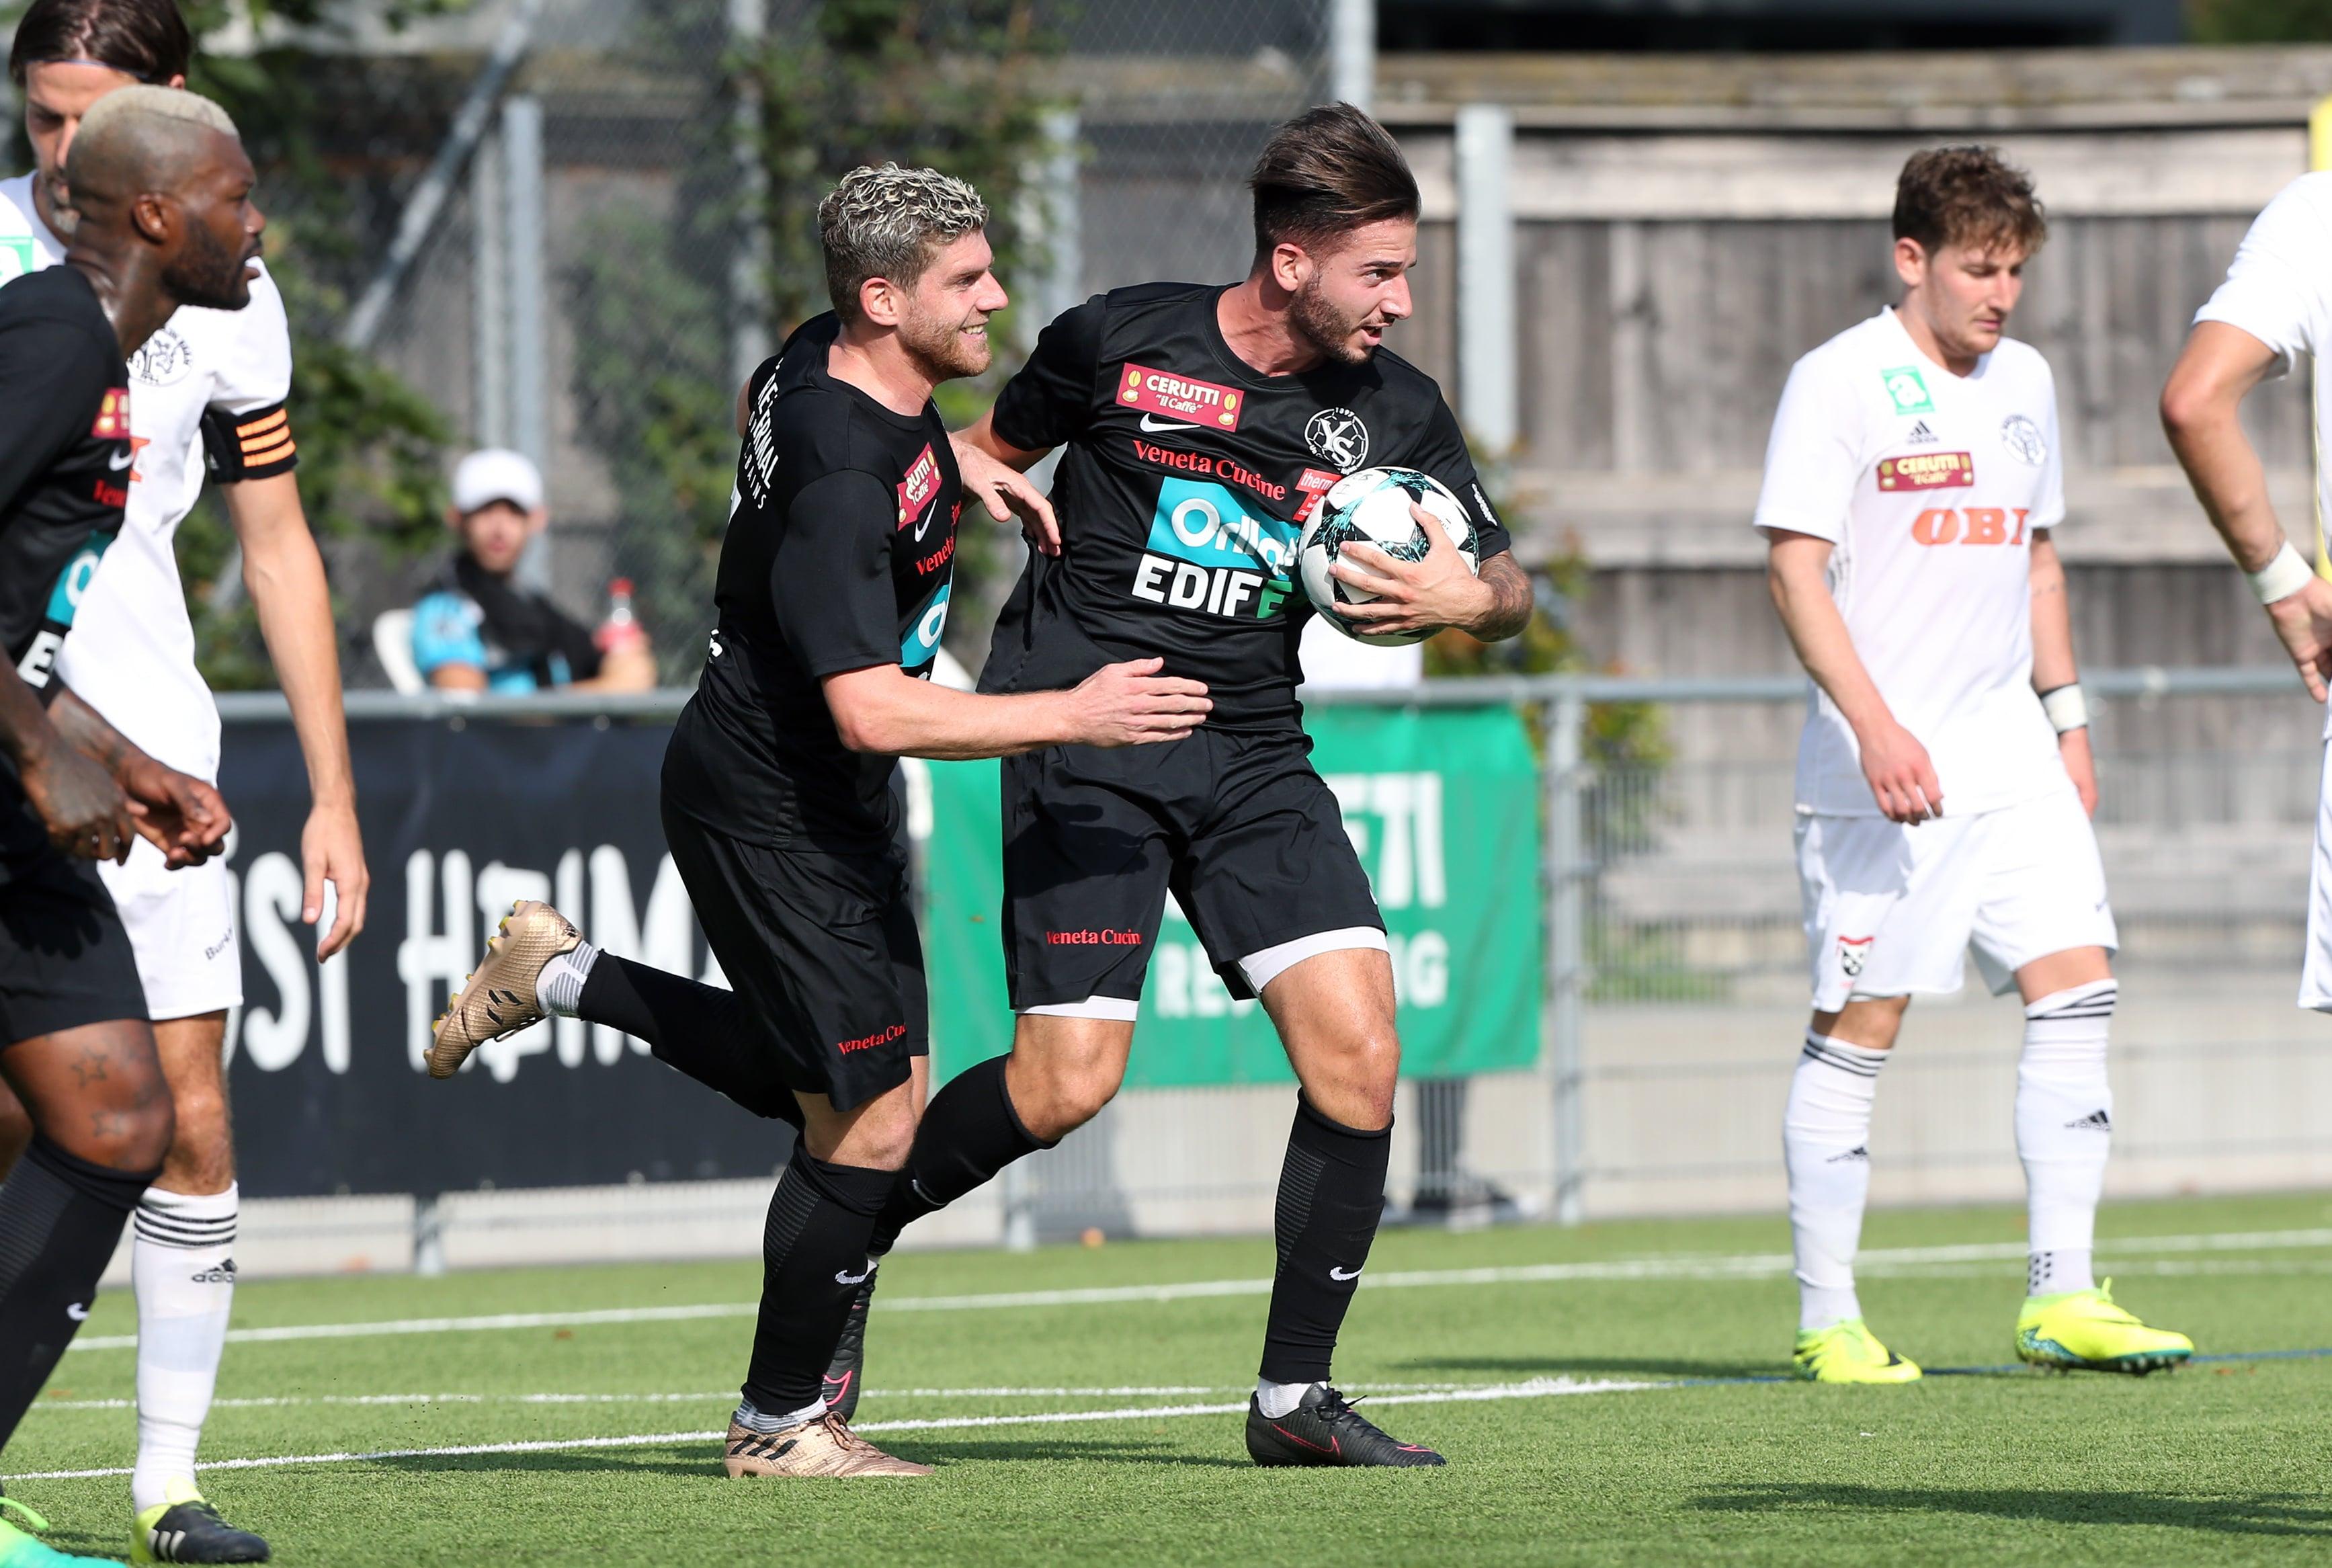 BREITENRAIN (BE), 26 août 2017. Football, première ligue promotion. Breitenrain - Yverdon-Sport 3-1. Stefane Rauti (à dr.) égalise pour son premier but avec YS. (c)FLASHPRESS/ ALLENSPACH